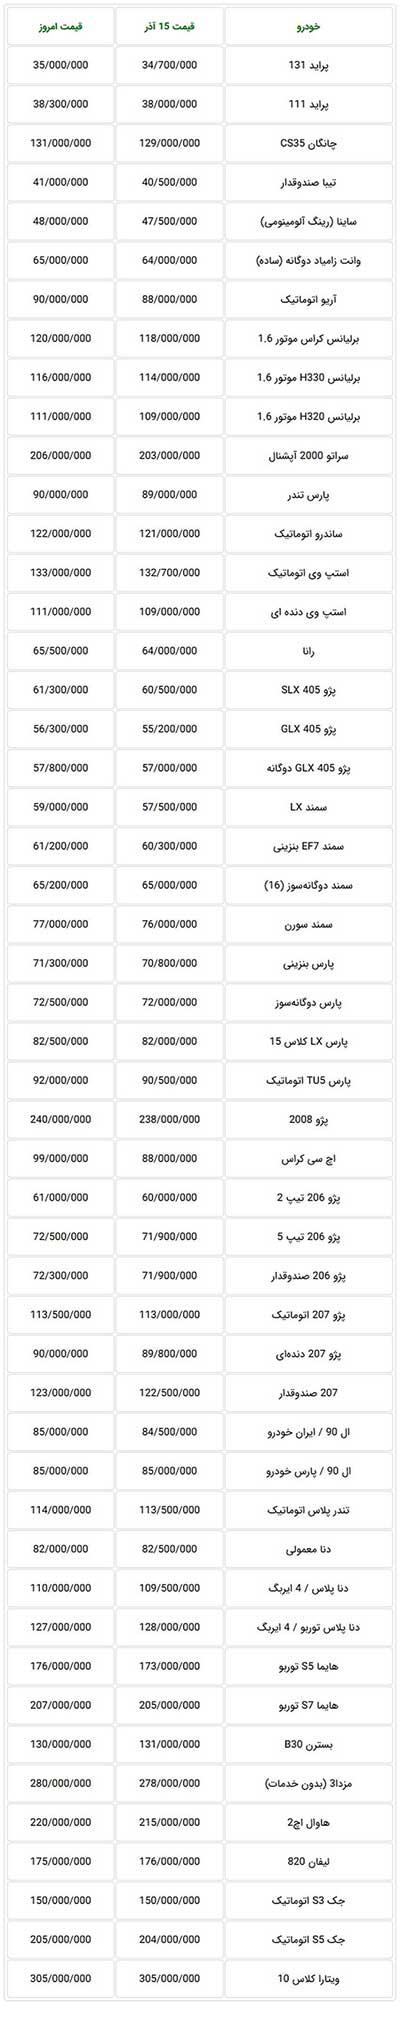 قیمت جدید خودروهای داخلی در بازار تهران - ۲۰ آذرماه